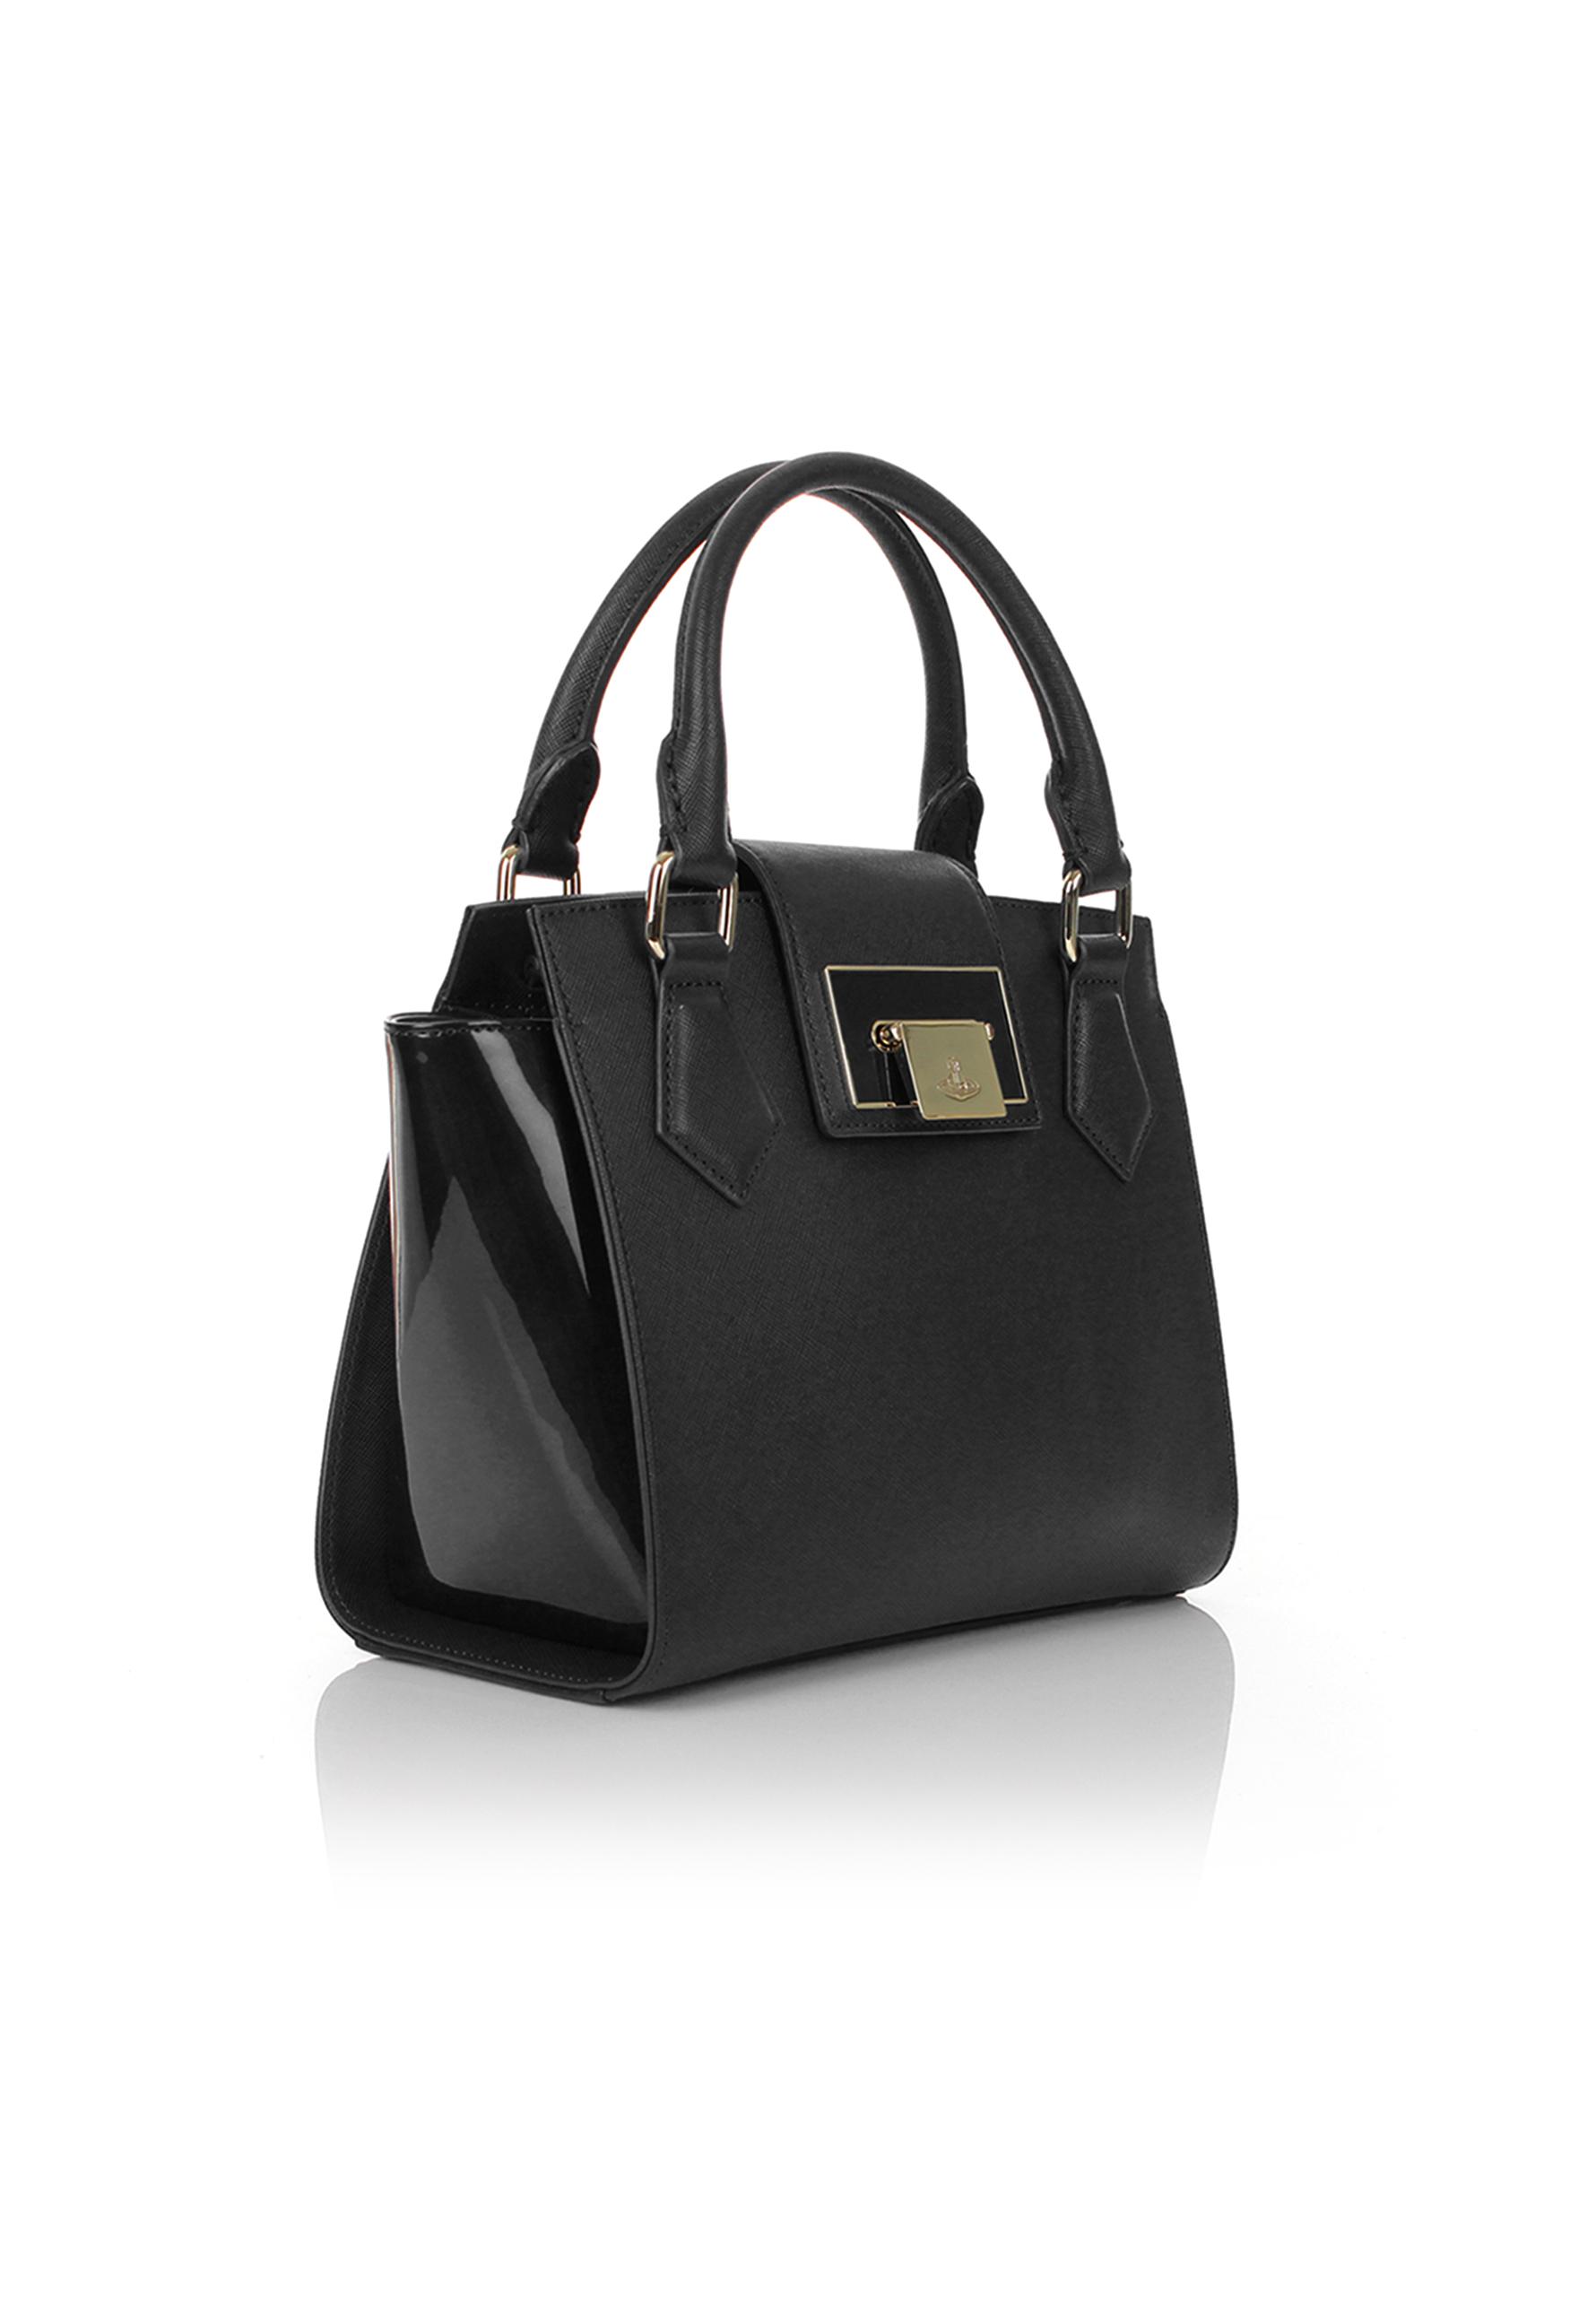 Vivienne westwood Opio Saffiano 131017 Small Handbag Black in ...